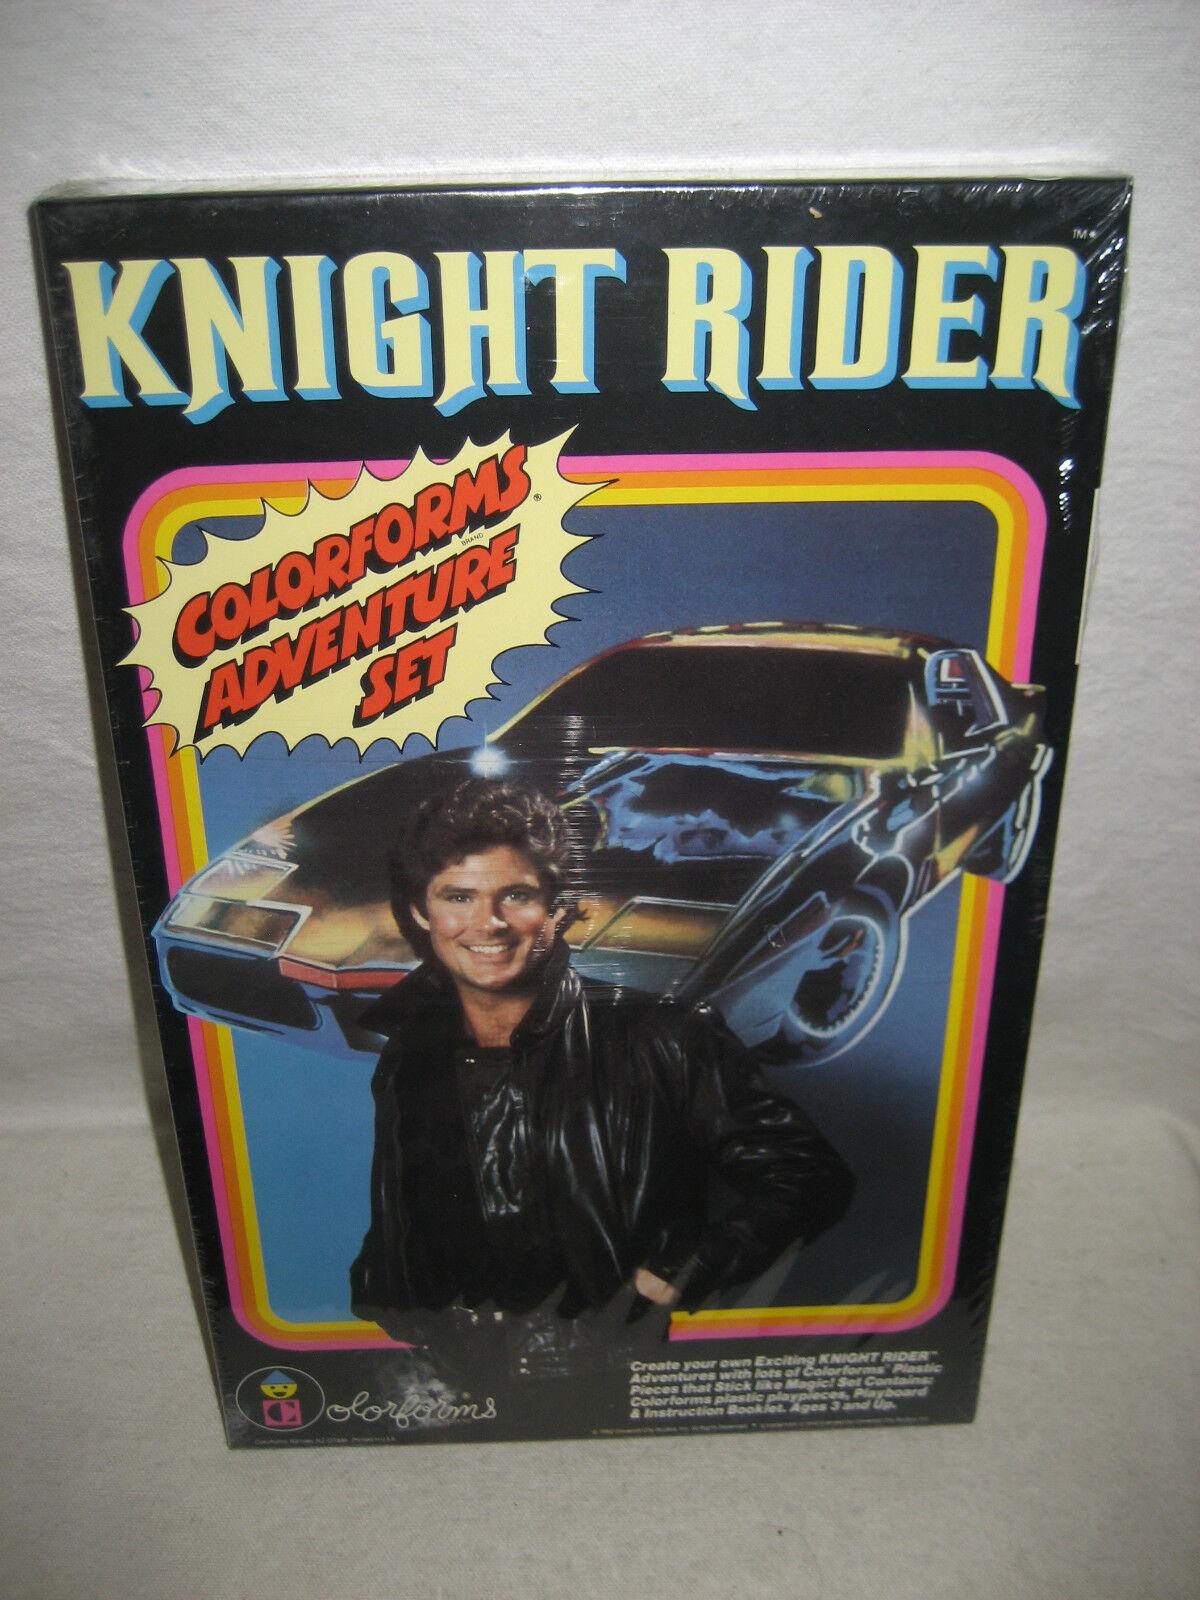 En 1982, el traje de aventuras de Color de los caballeros antiguos no usó el mi David Hasselhoff.